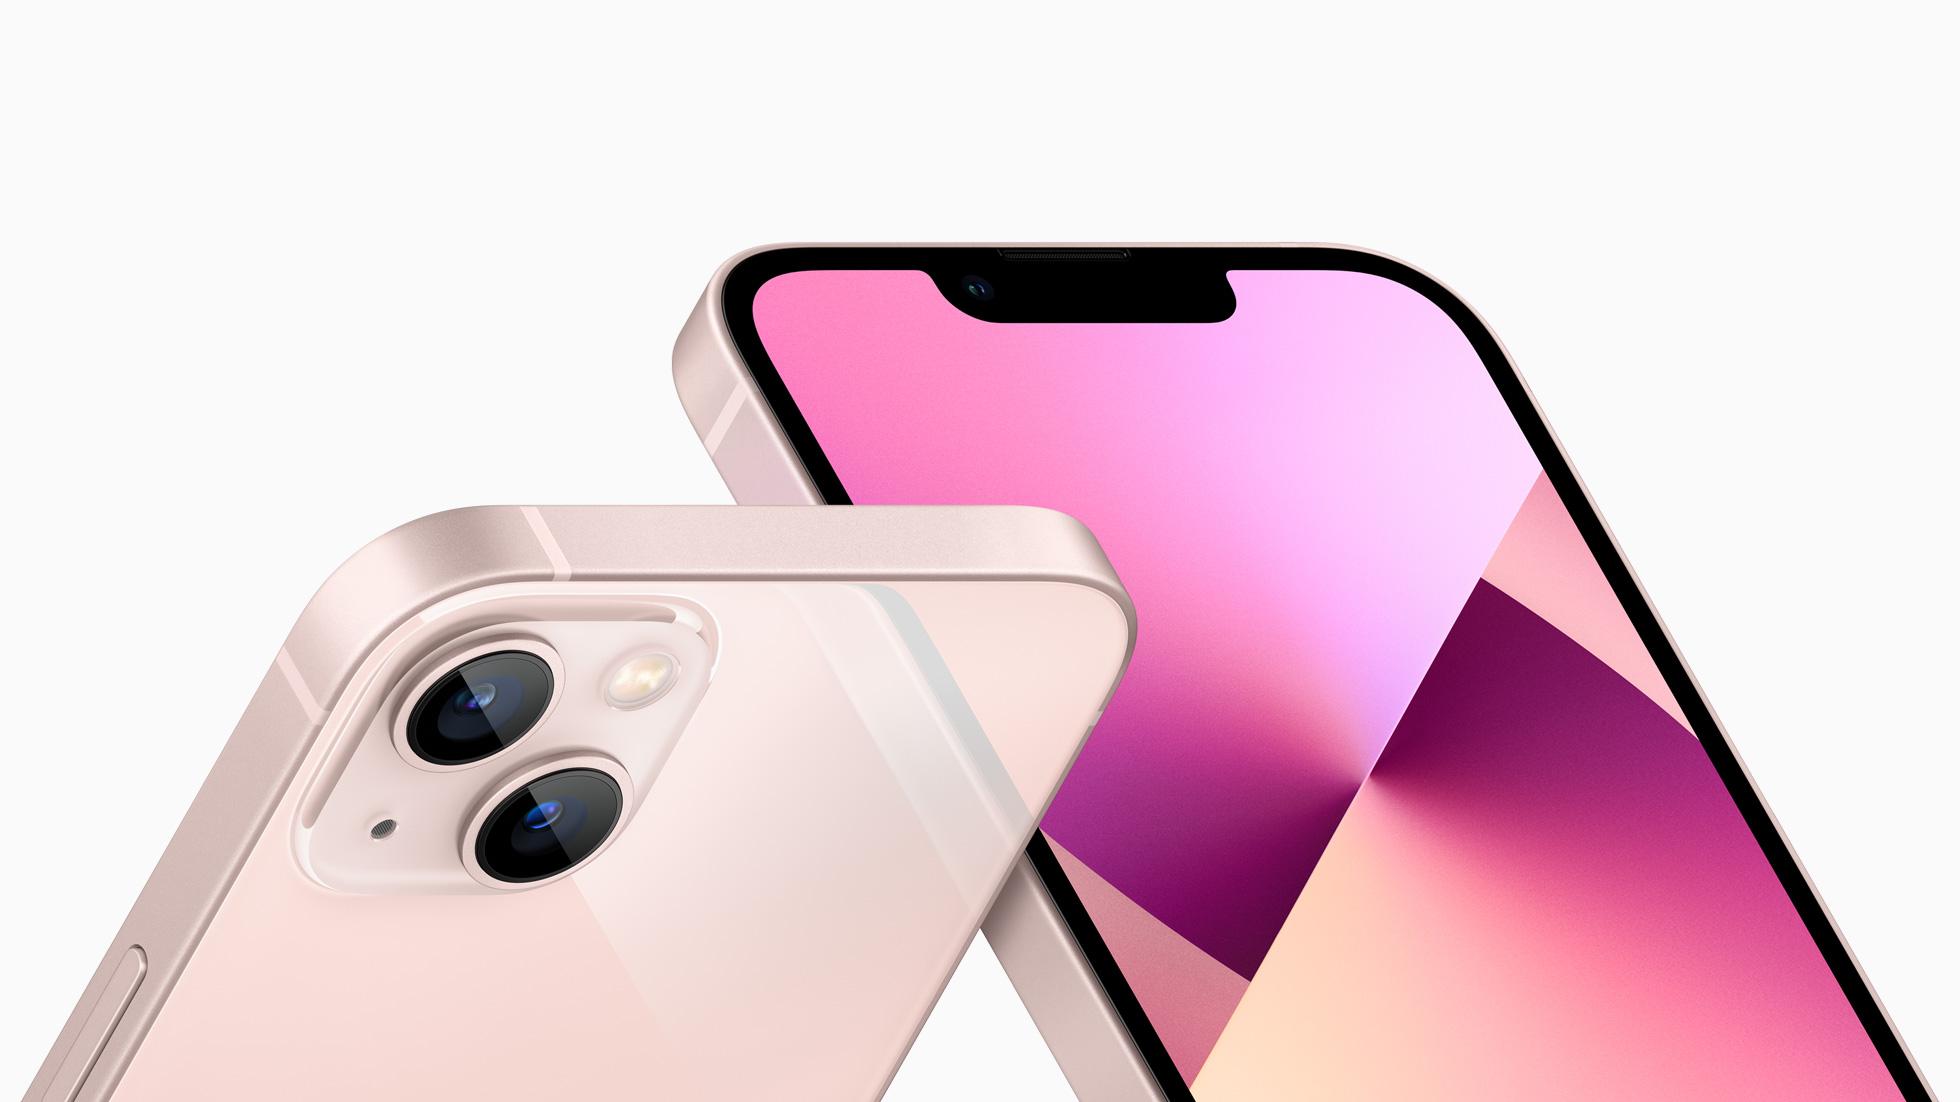 3 โอเปอเรเตอร์ เตรียมเปิดให้สั่งซื้อ iPhone 13 ล่วงหน้า ได้ตั้งแต่วันที่ 1 ตุลาคม 2564 และวางจำหน่ายในวันที่ 8 ตุลาคม 2564